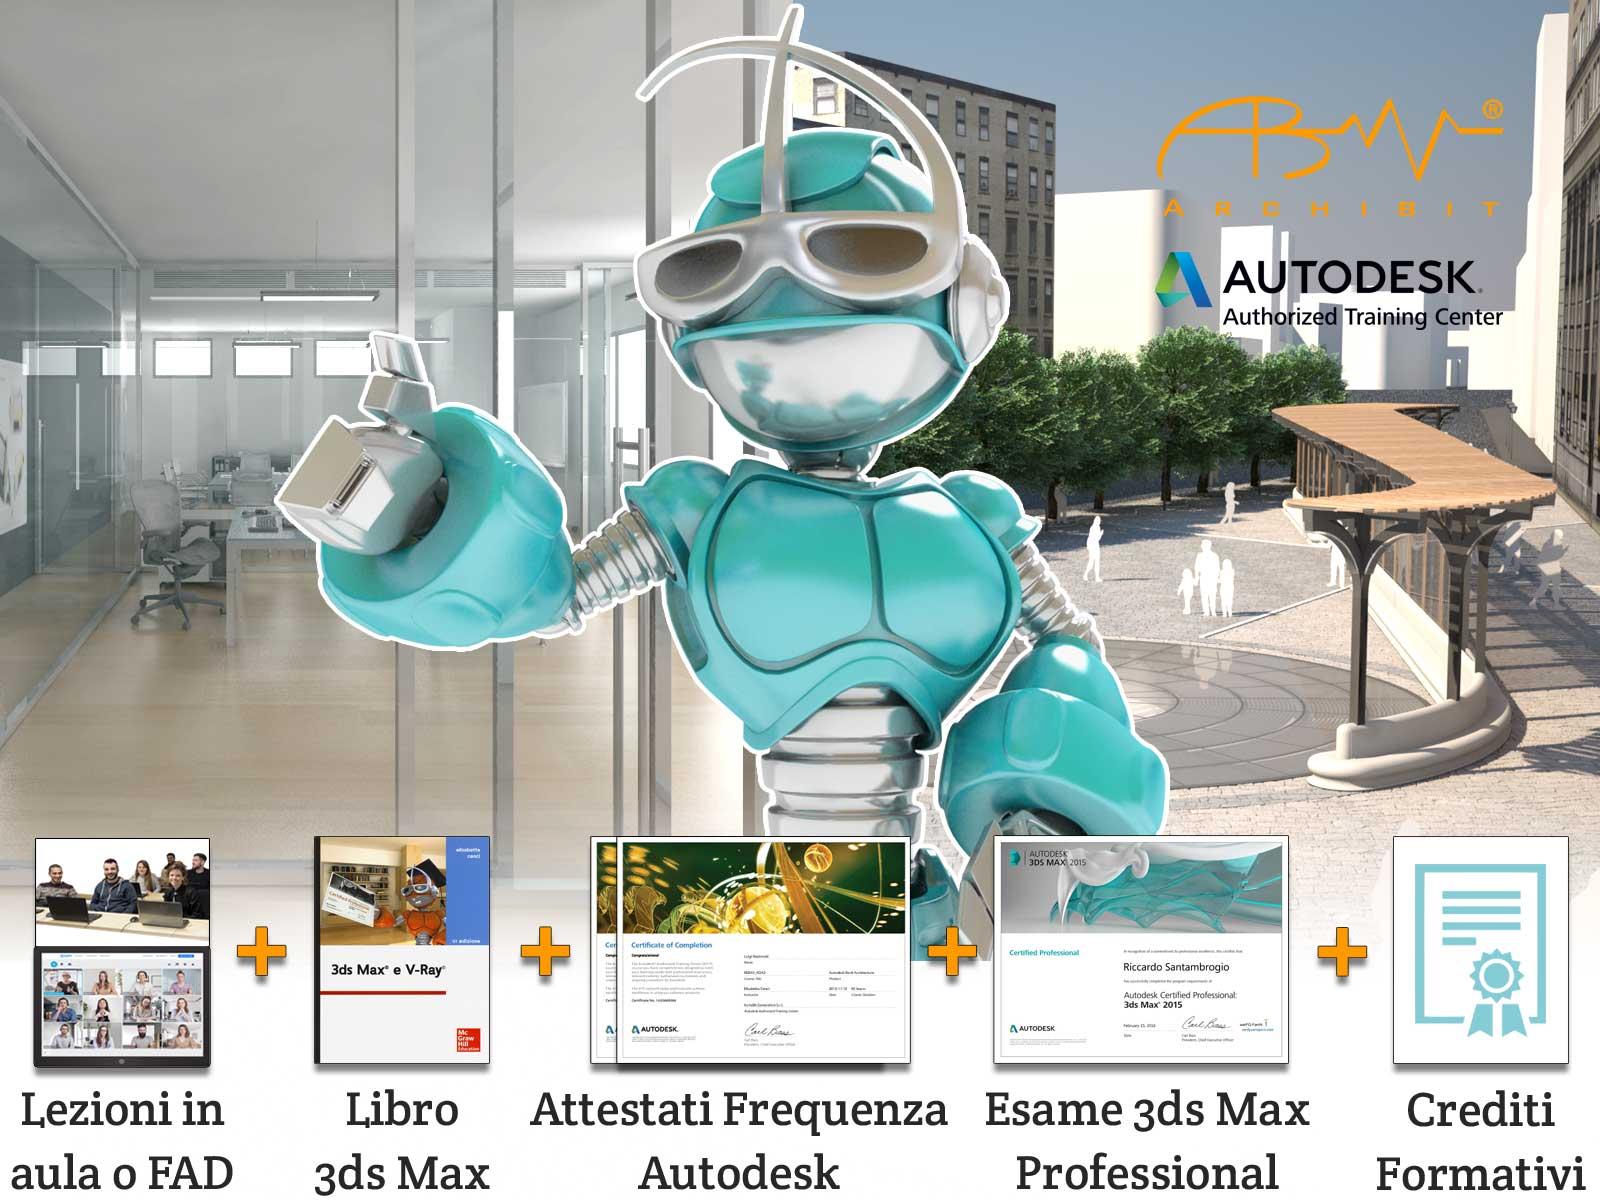 corso modellazione 3d render vray animazione tridimensionale computer grafica 3ds max con certificazione autodesk archibit generation srl centro corsi professionali roma